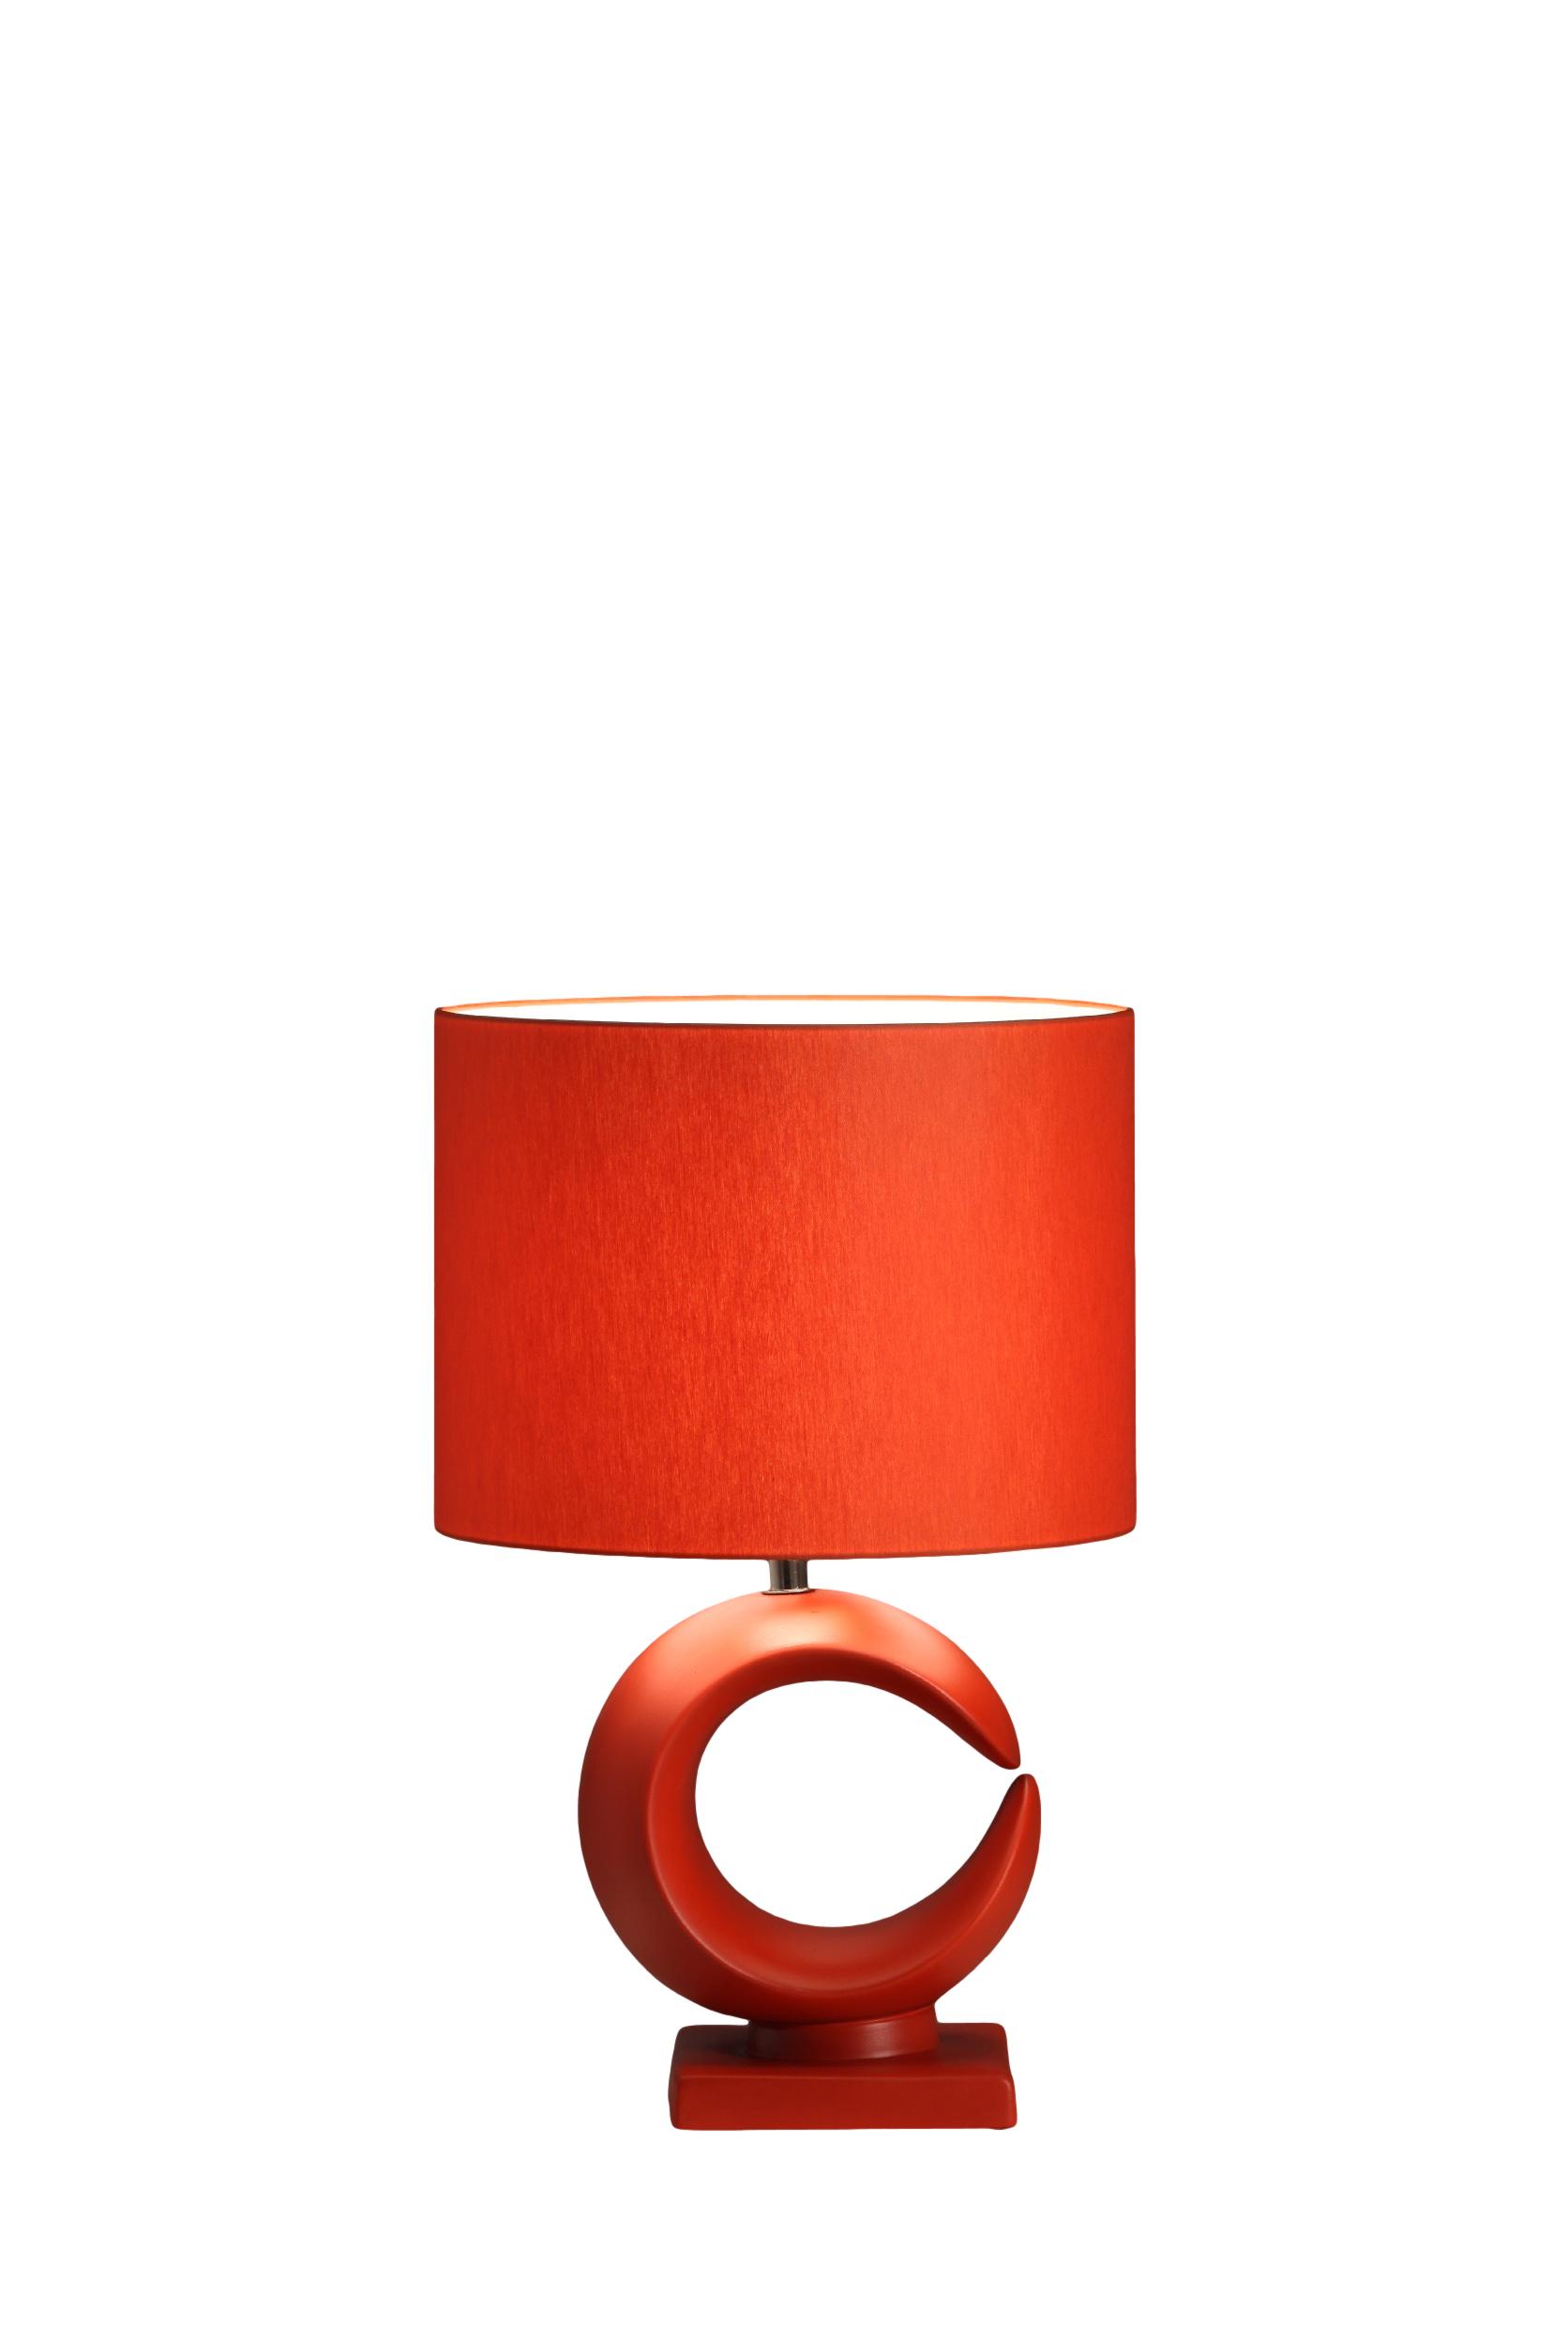 Stout Verlichting Collectie Sfeerfoto Tafellamp Ø 27 cm